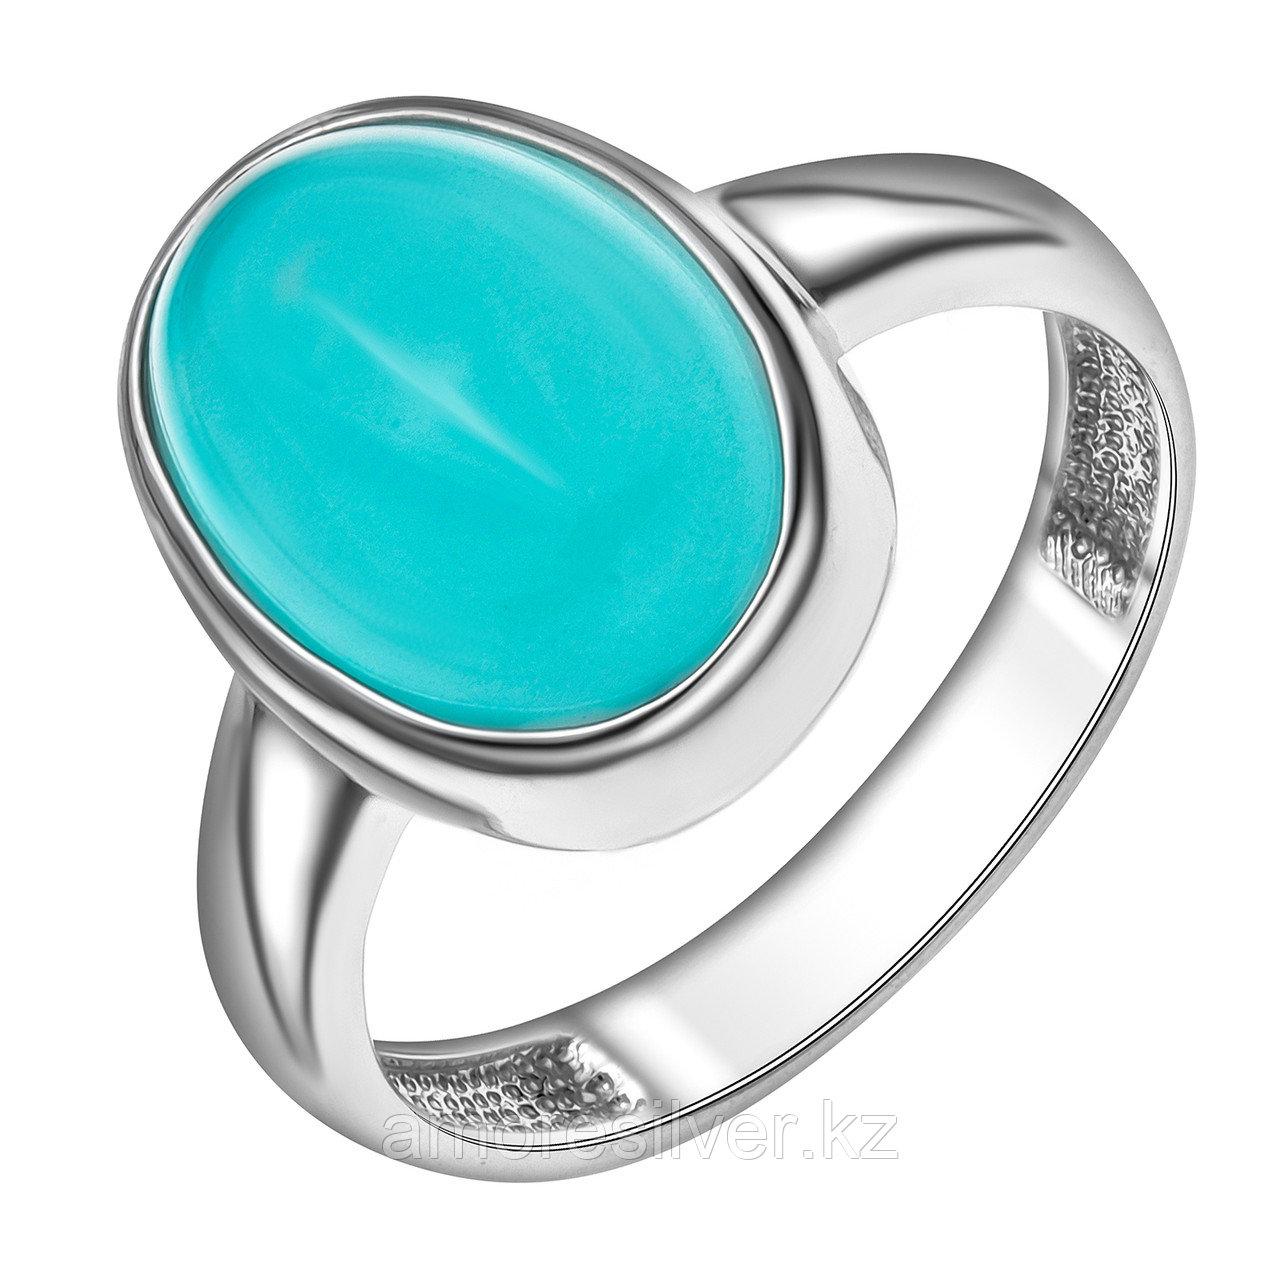 Серебряное кольцо с аквамарином   Teosa 1000-0315-AQ